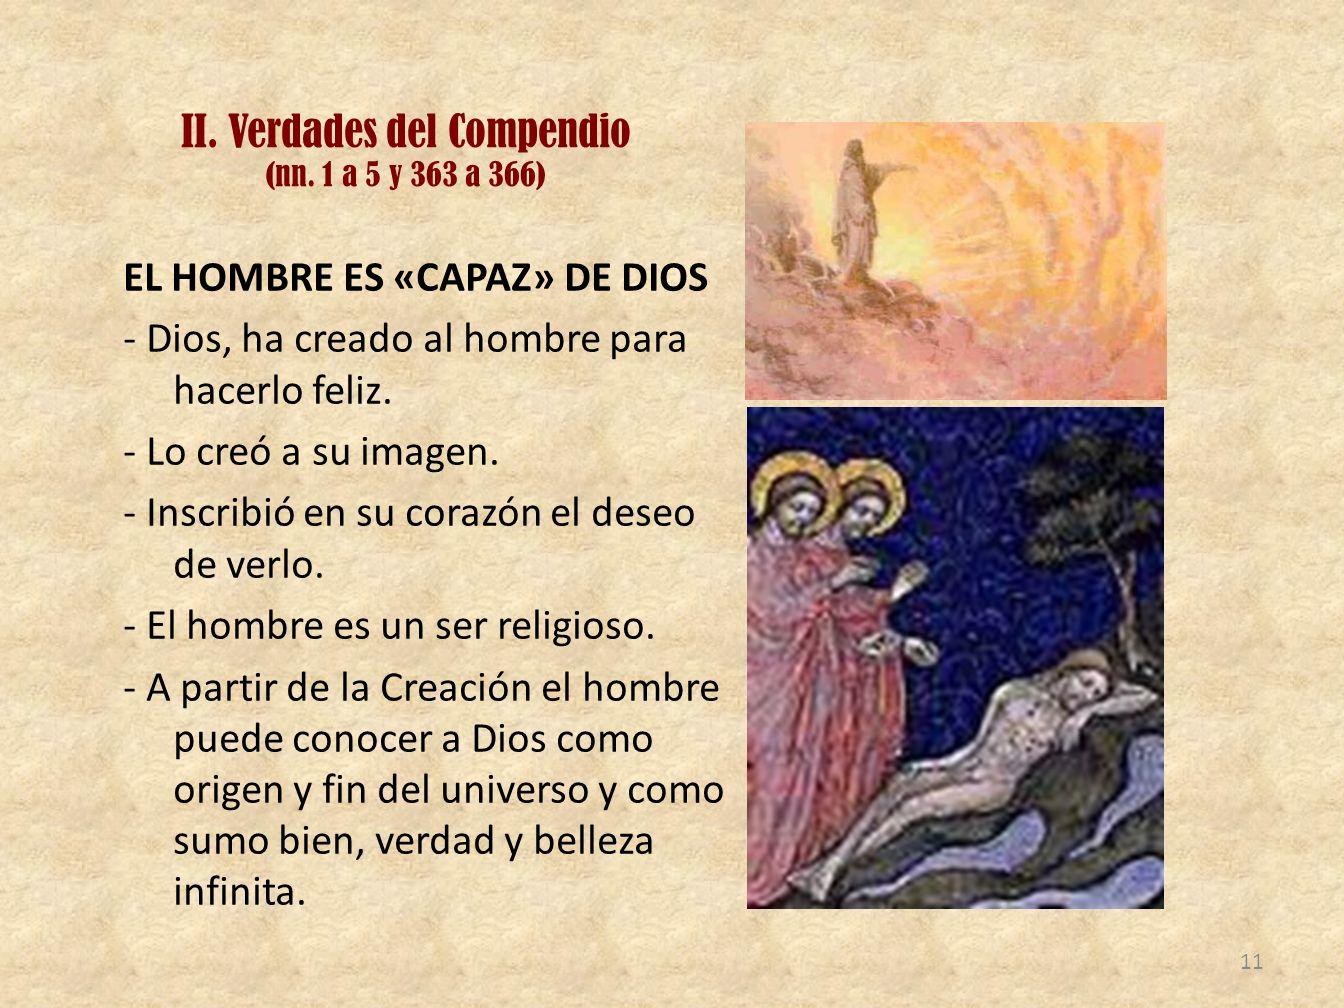 II. Verdades del Compendio (nn. 1 a 5 y 363 a 366)